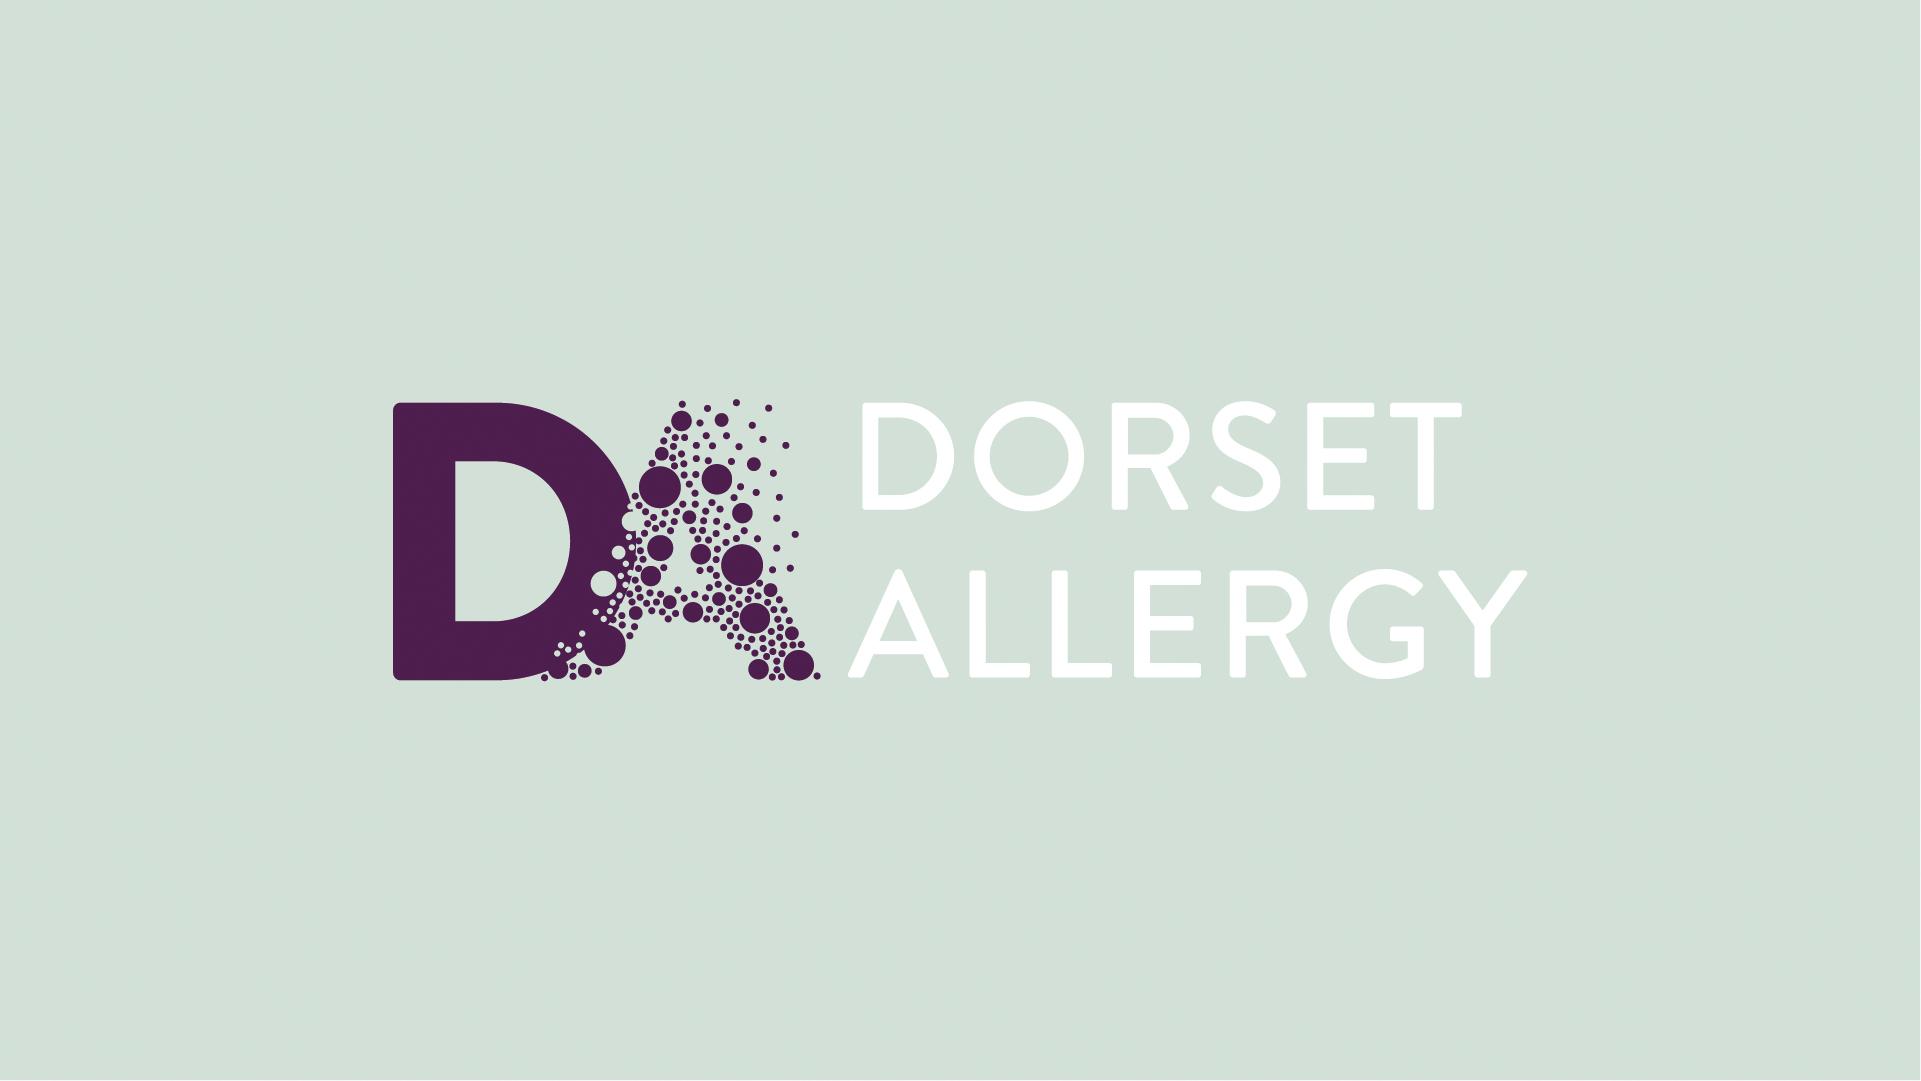 Dorset Allergy